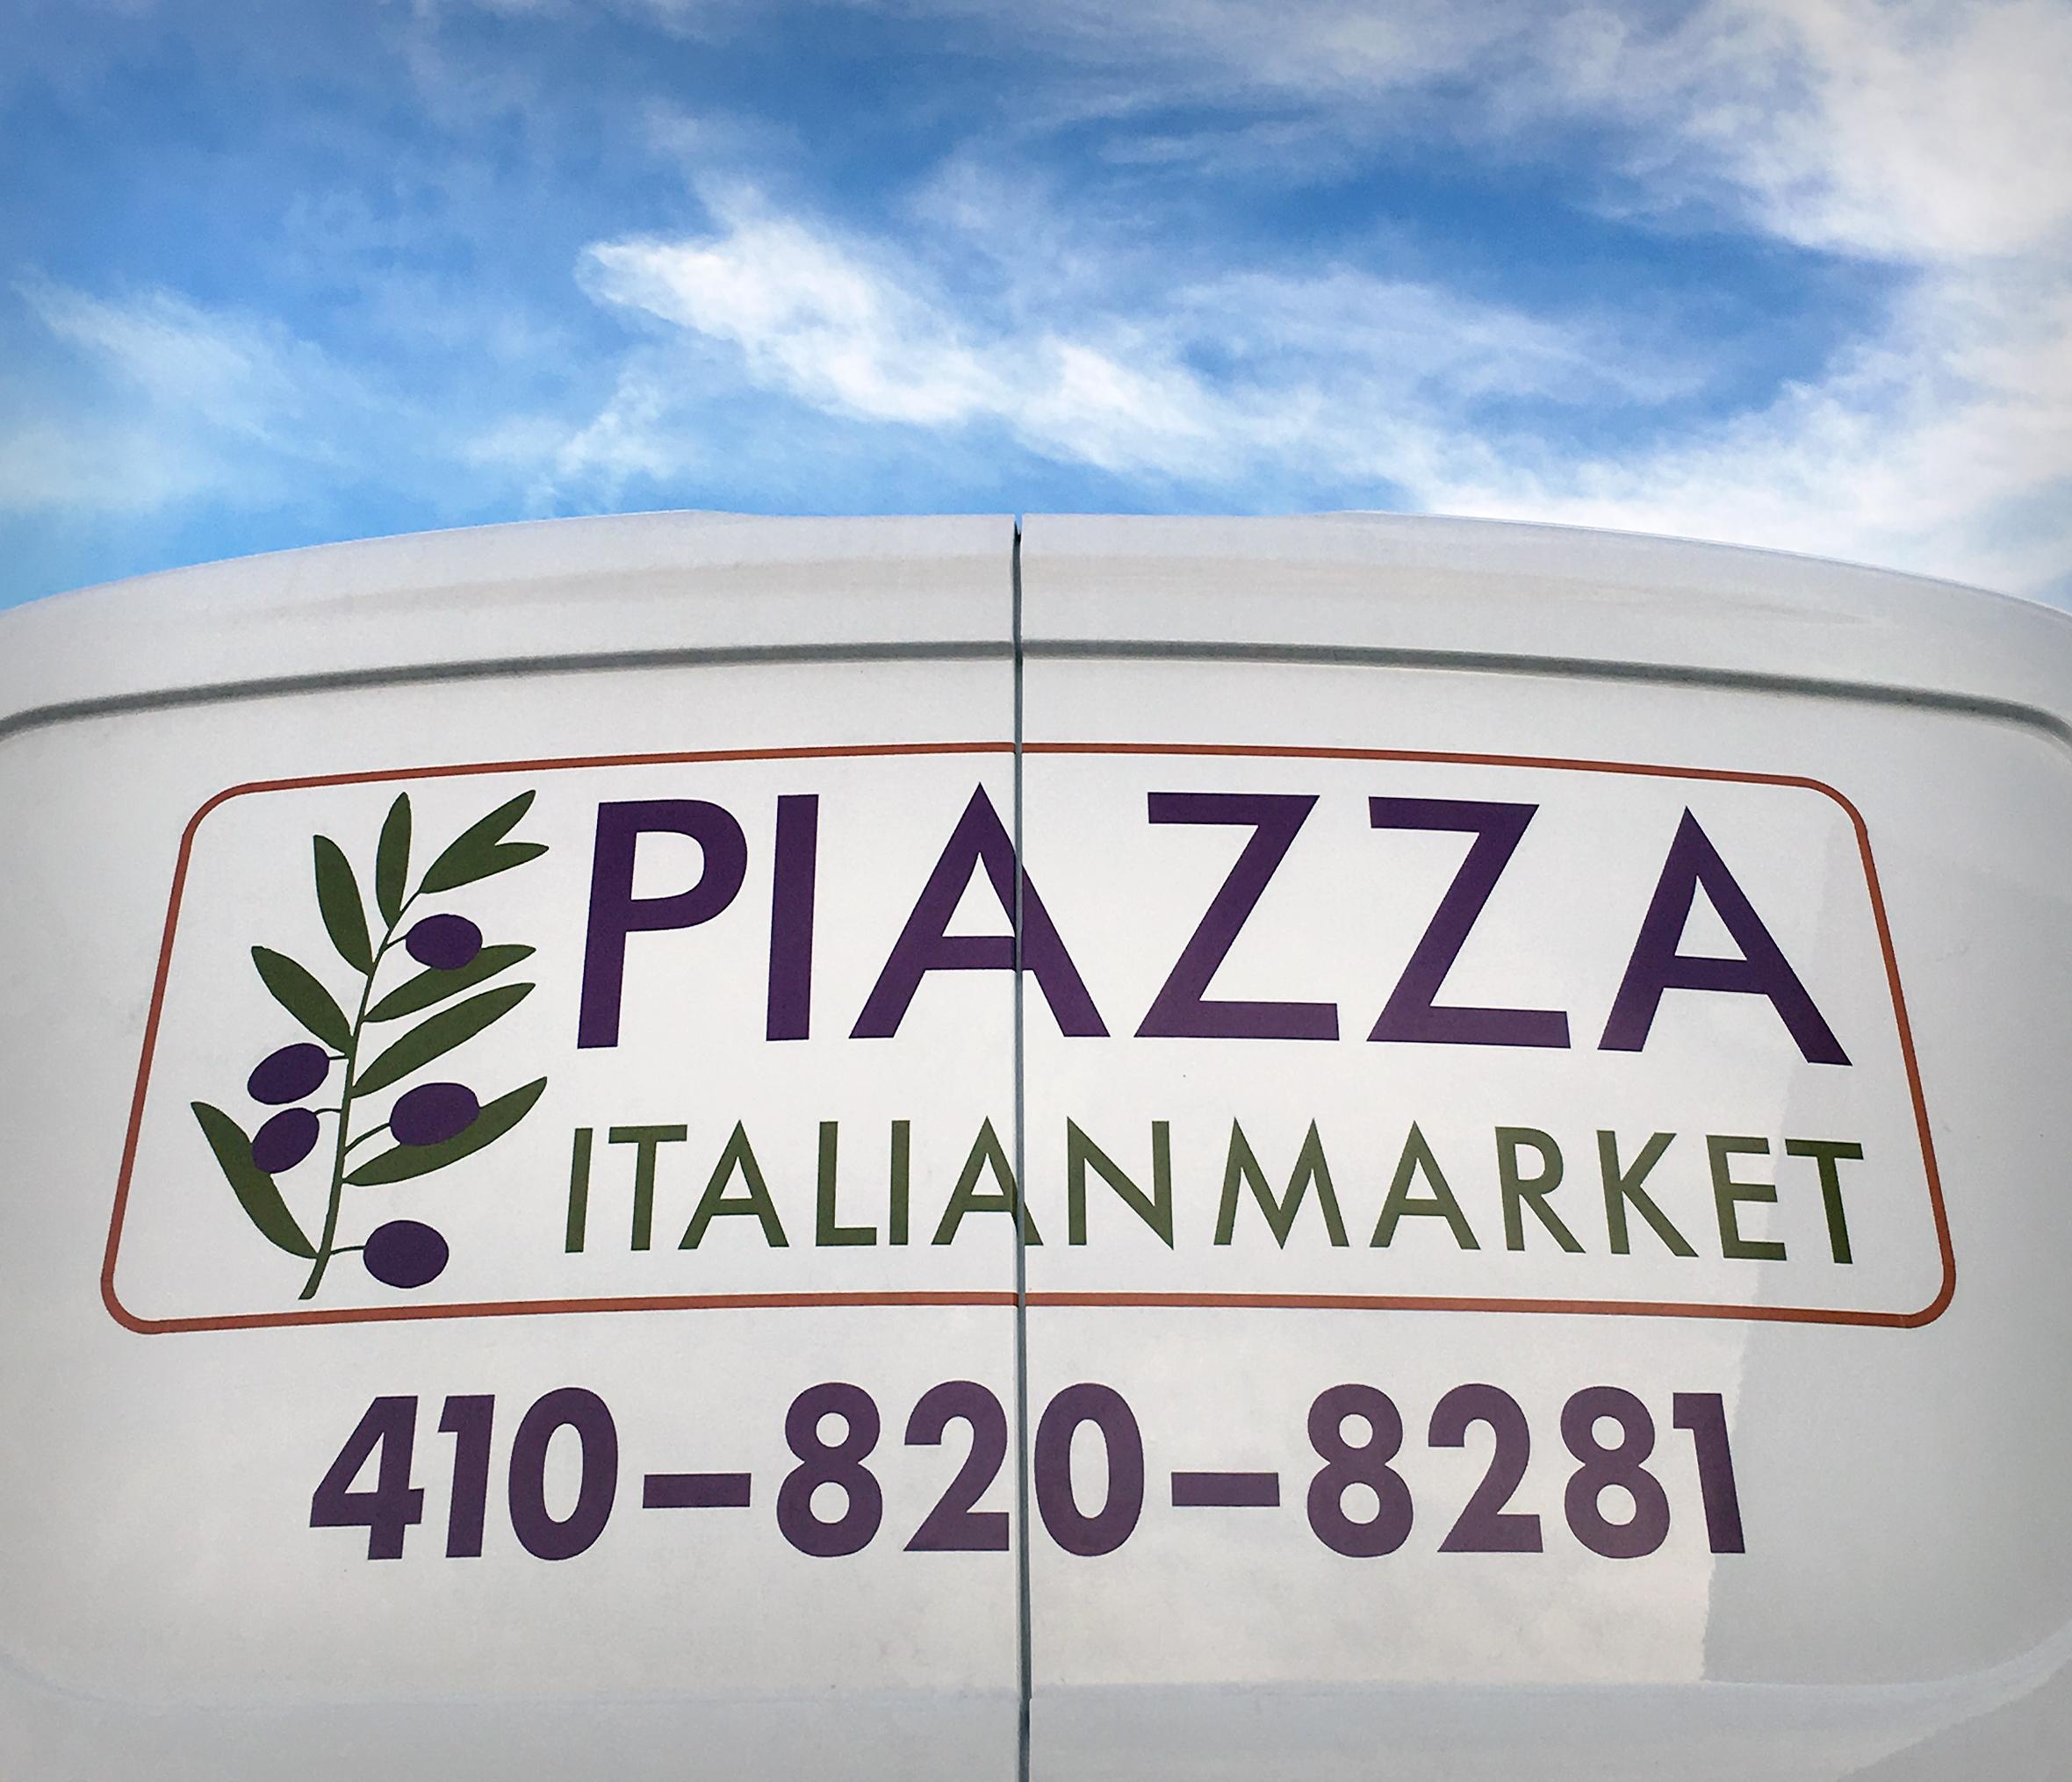 PiazzaVan.jpg